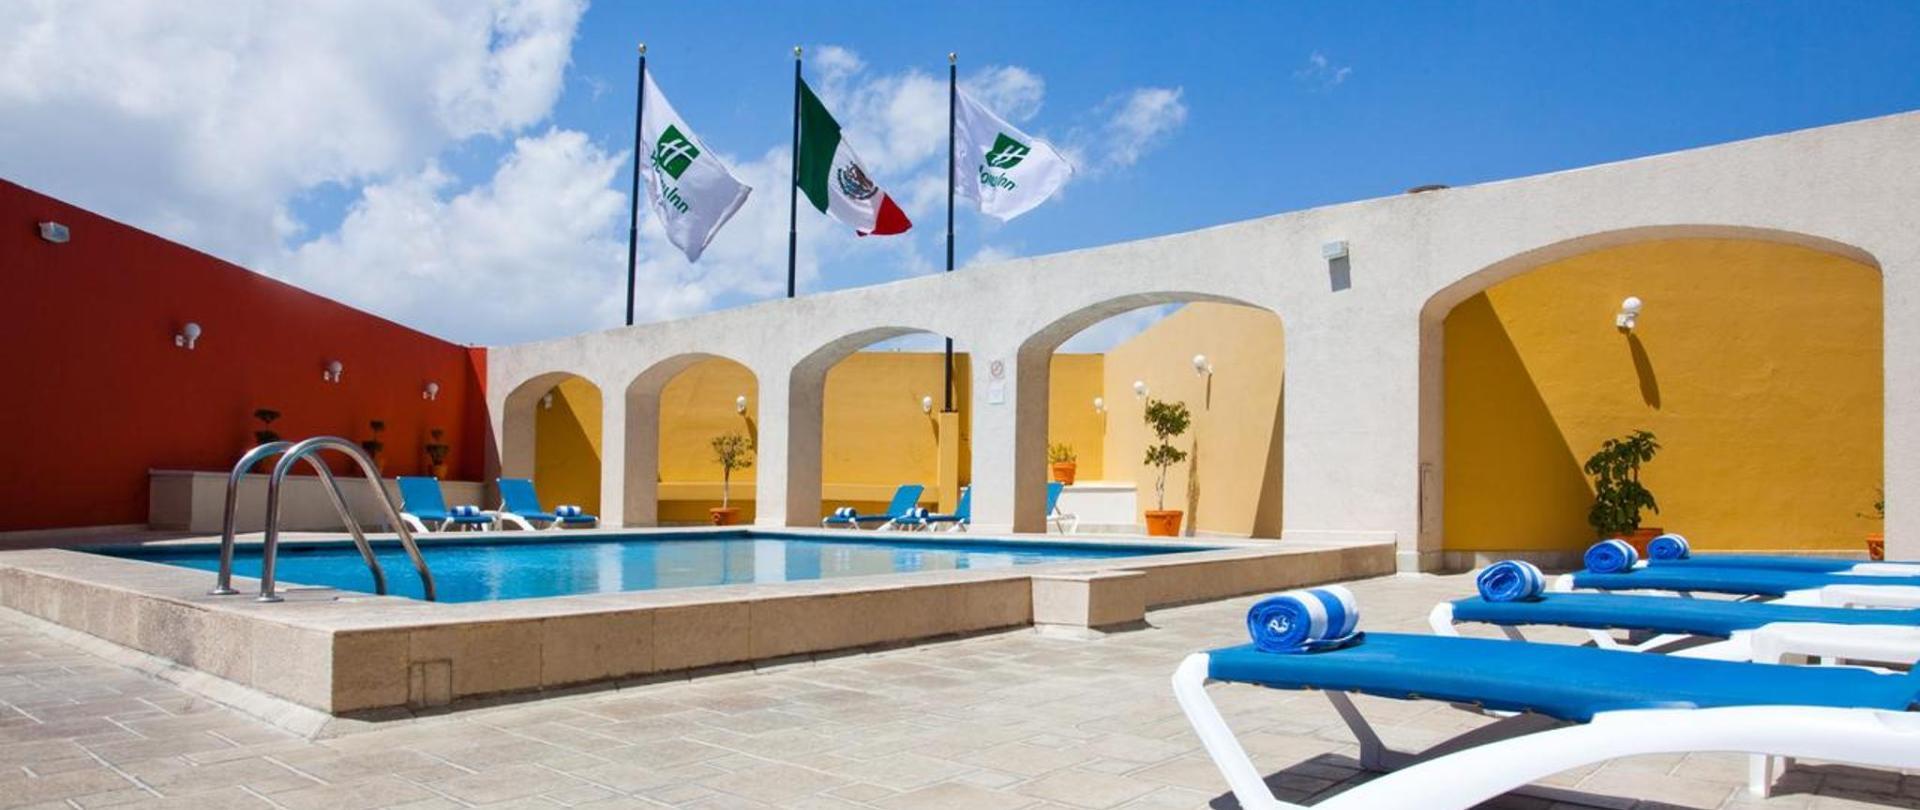 Casino deportivos privacidad Puebla-456977